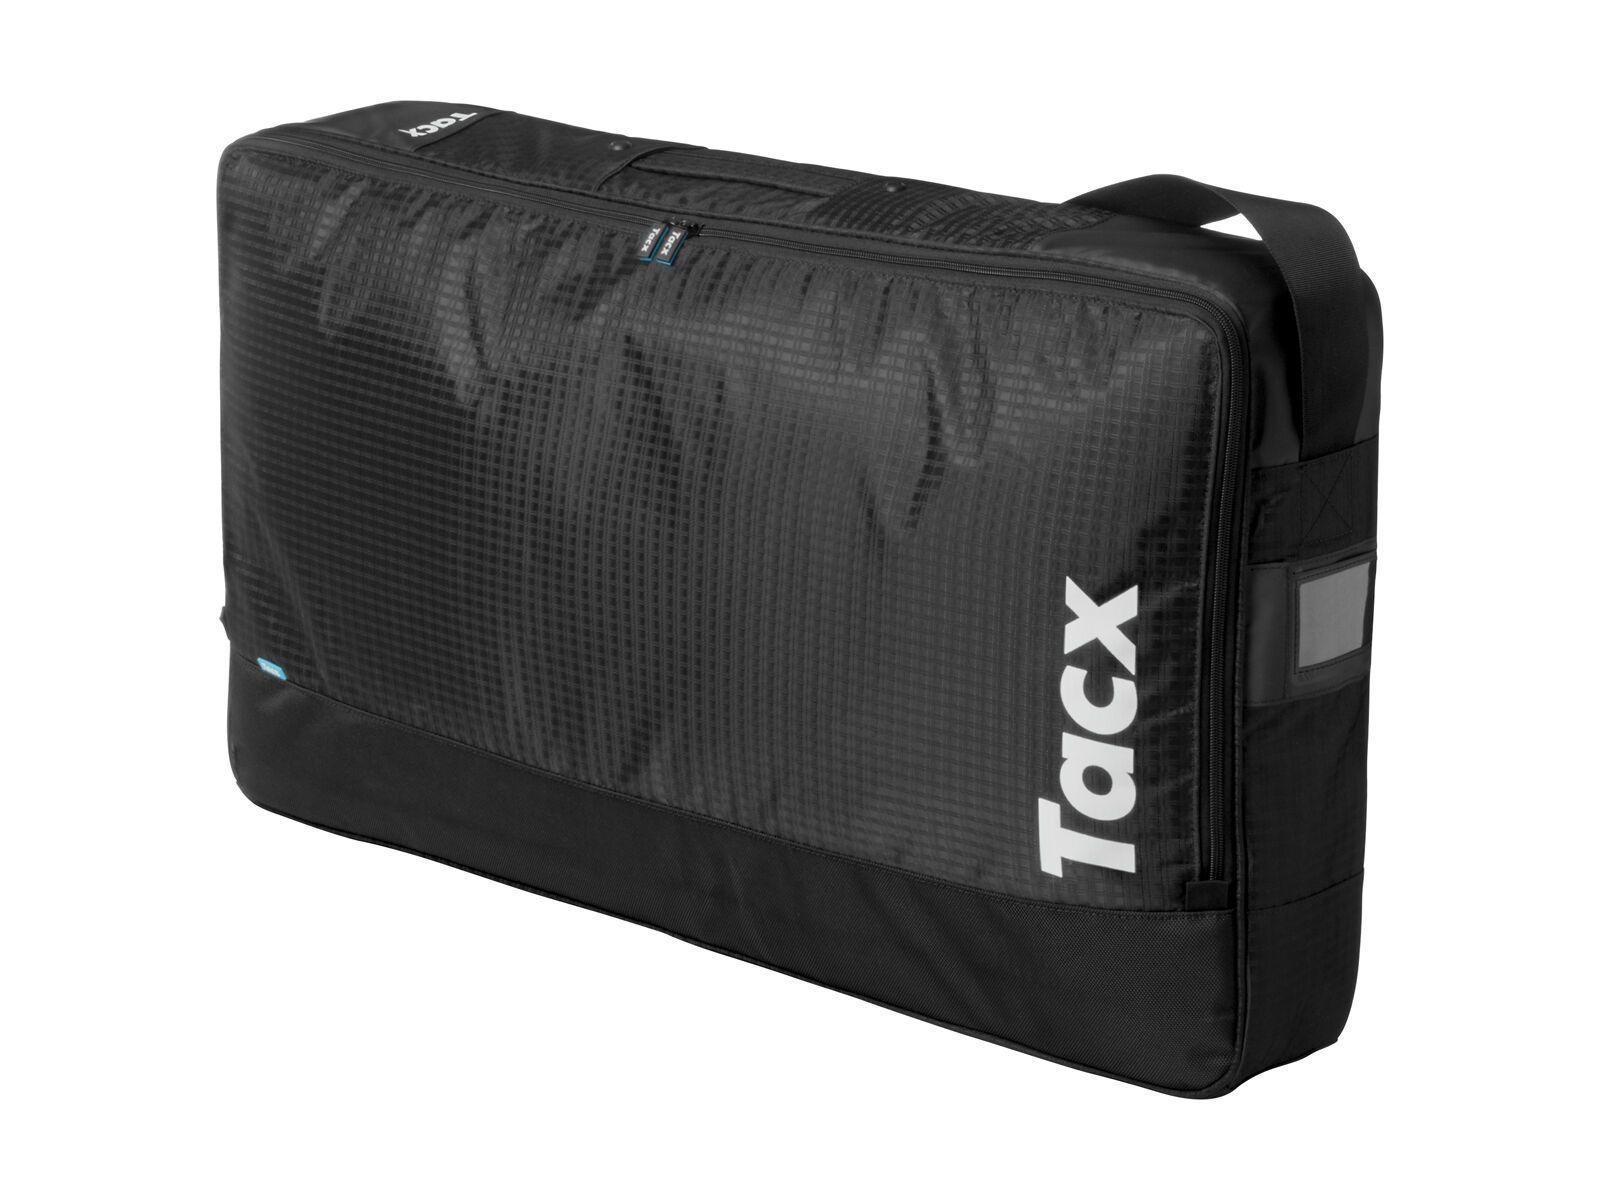 Tacx Trainertasche für Rollentrainer T1185 - Transporttasche